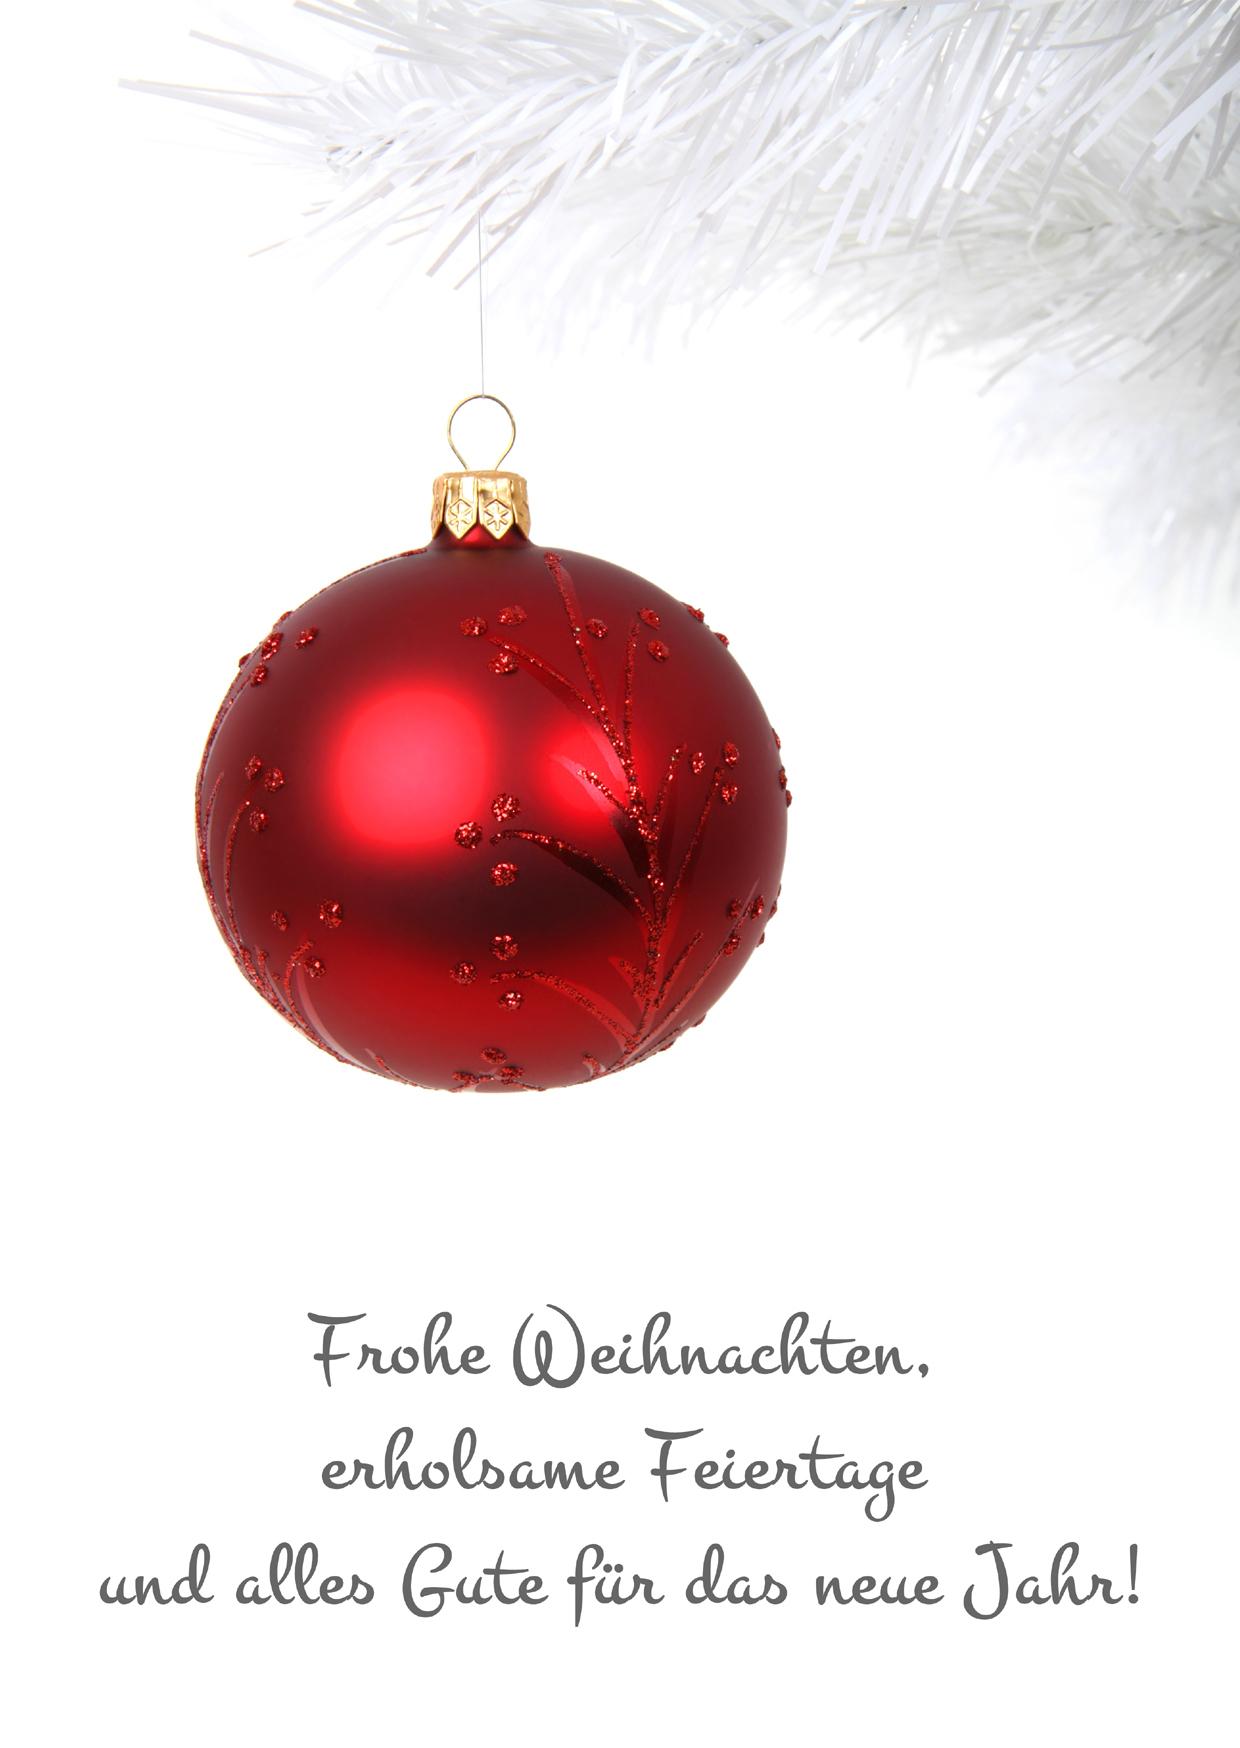 Kostenlose Weihnachtskarten-Kollektion Zum Ausdrucken über Weihnachtsgrüße Selbst Gestalten Kostenlos